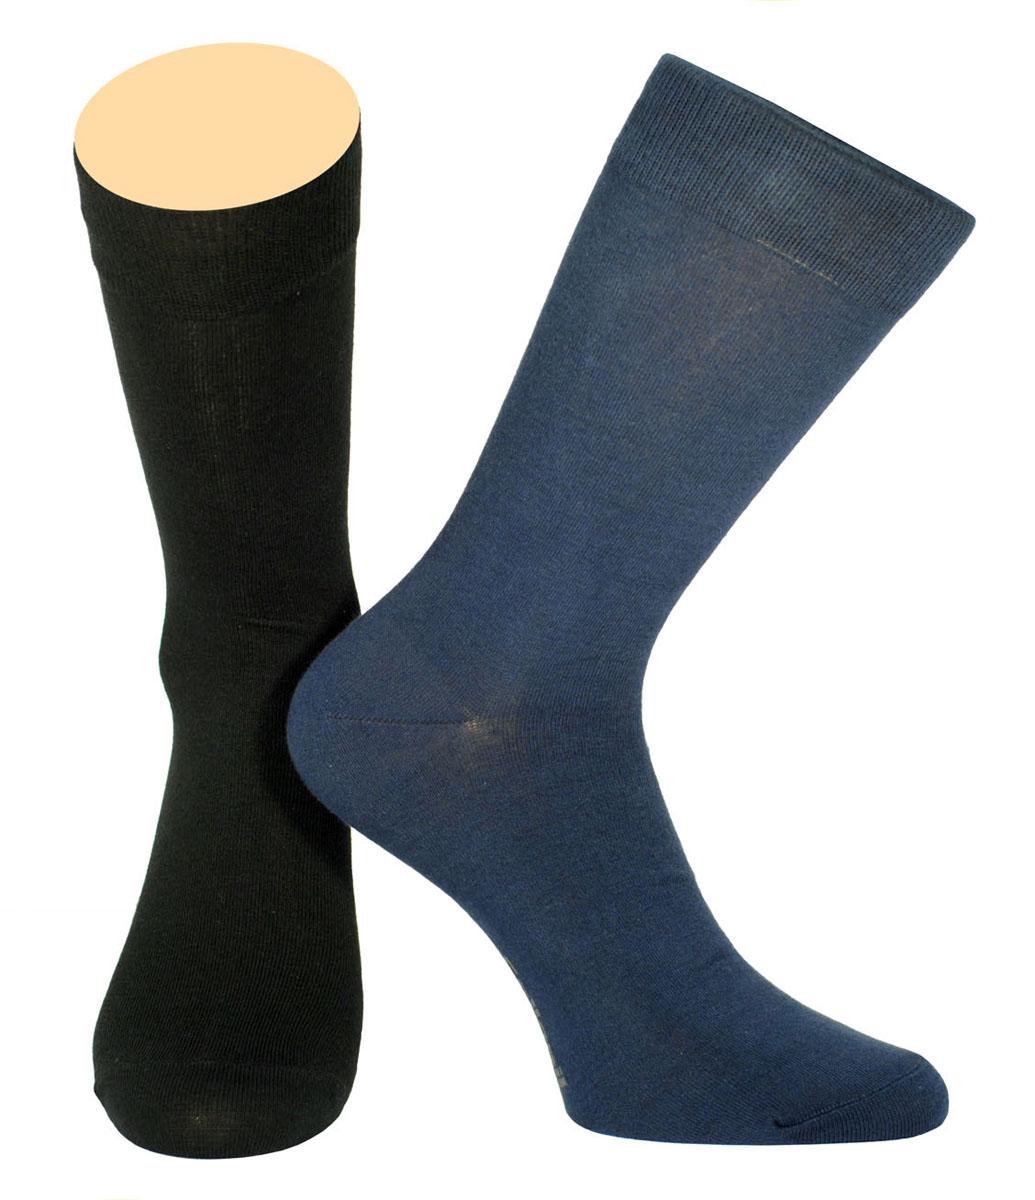 Носки мужские Collonil, цвет: черный, синий, 2 пары. CE3-40/08. Размер 39-41CE3-40/08Мужские носки Collonil изготовлены из эластичного хлопка с добавлением полиамида.Удлиненная широкая резинка не сдавливает и комфортно облегает ногу.В комплекте 2 пары.